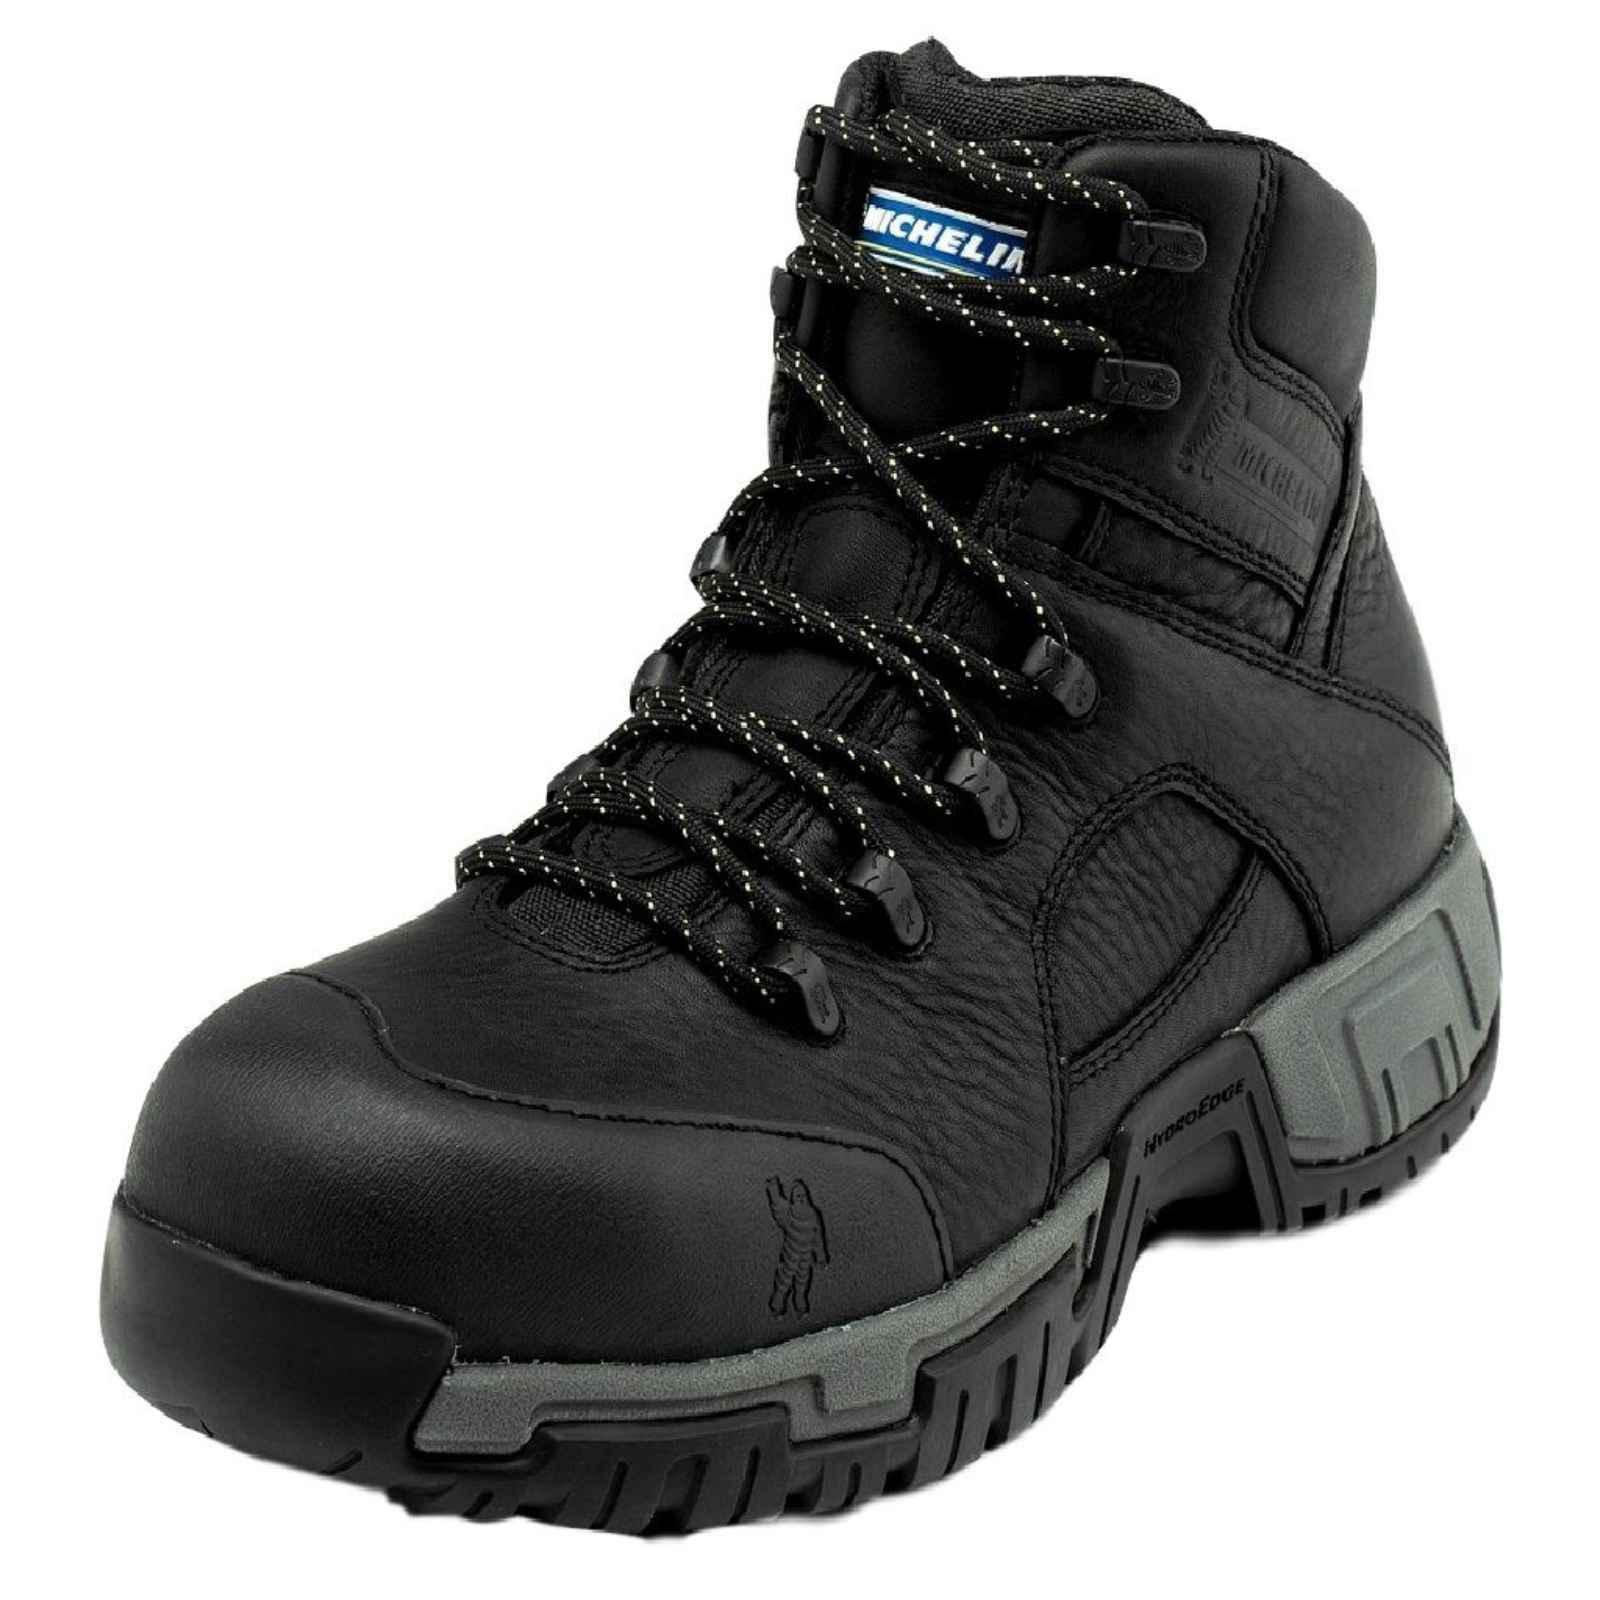 Michelin Men's Hydroedge Steel Toe Boots,Black,10 M